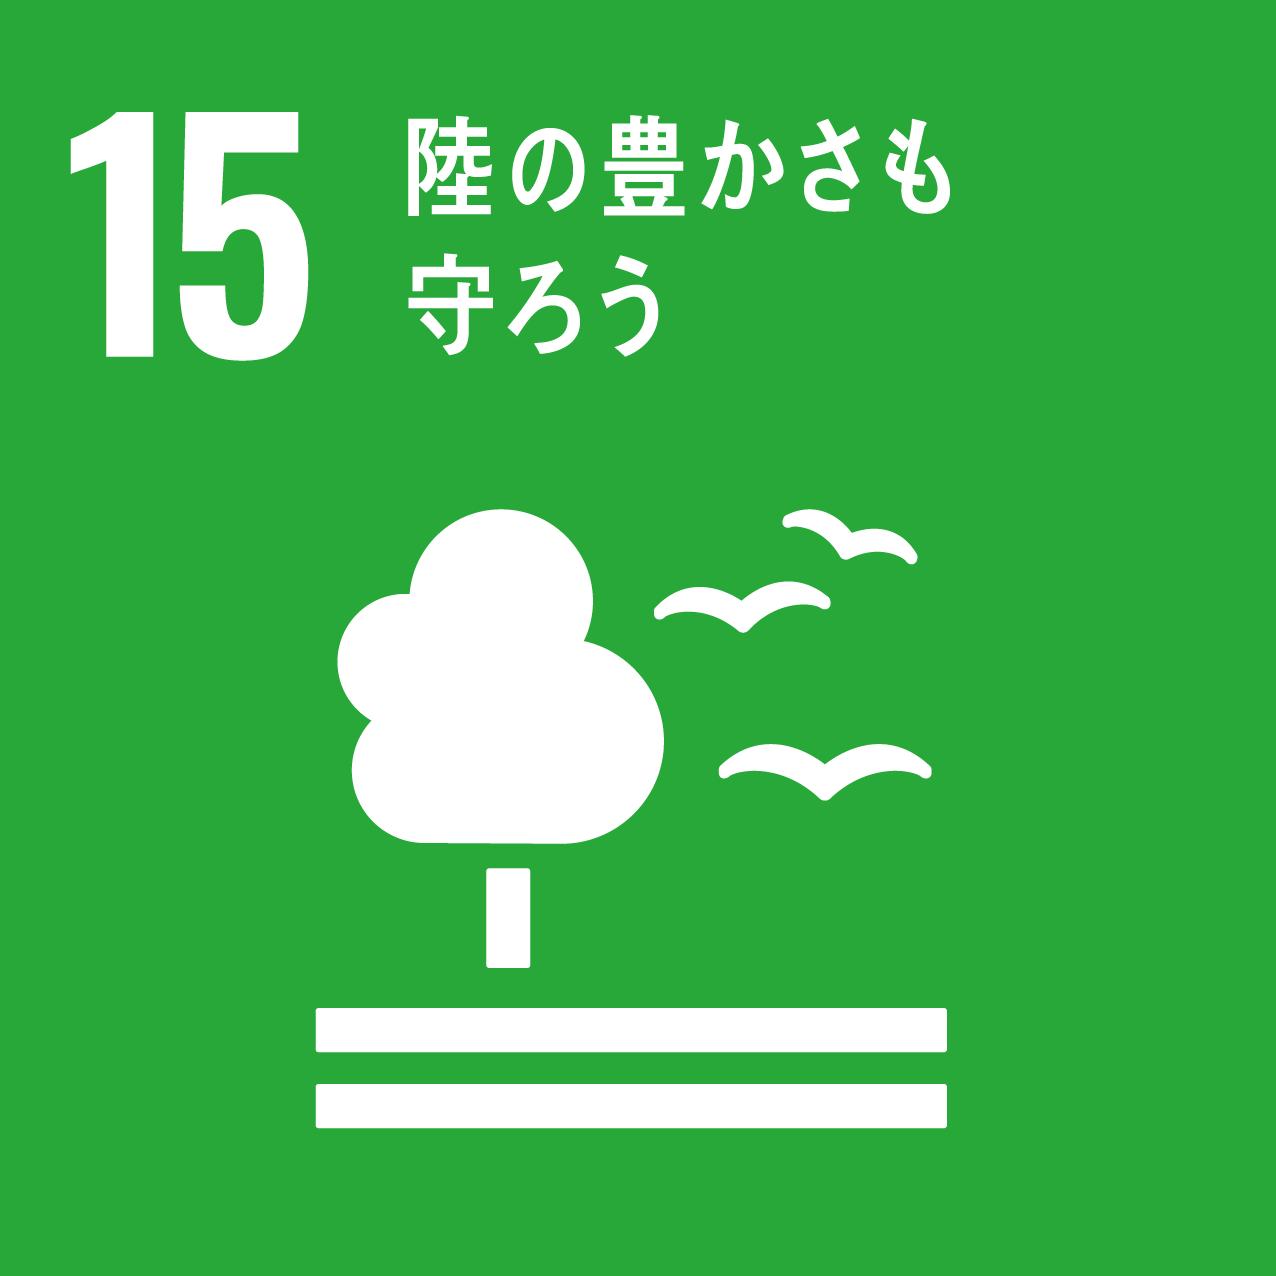 SDGs_15.png